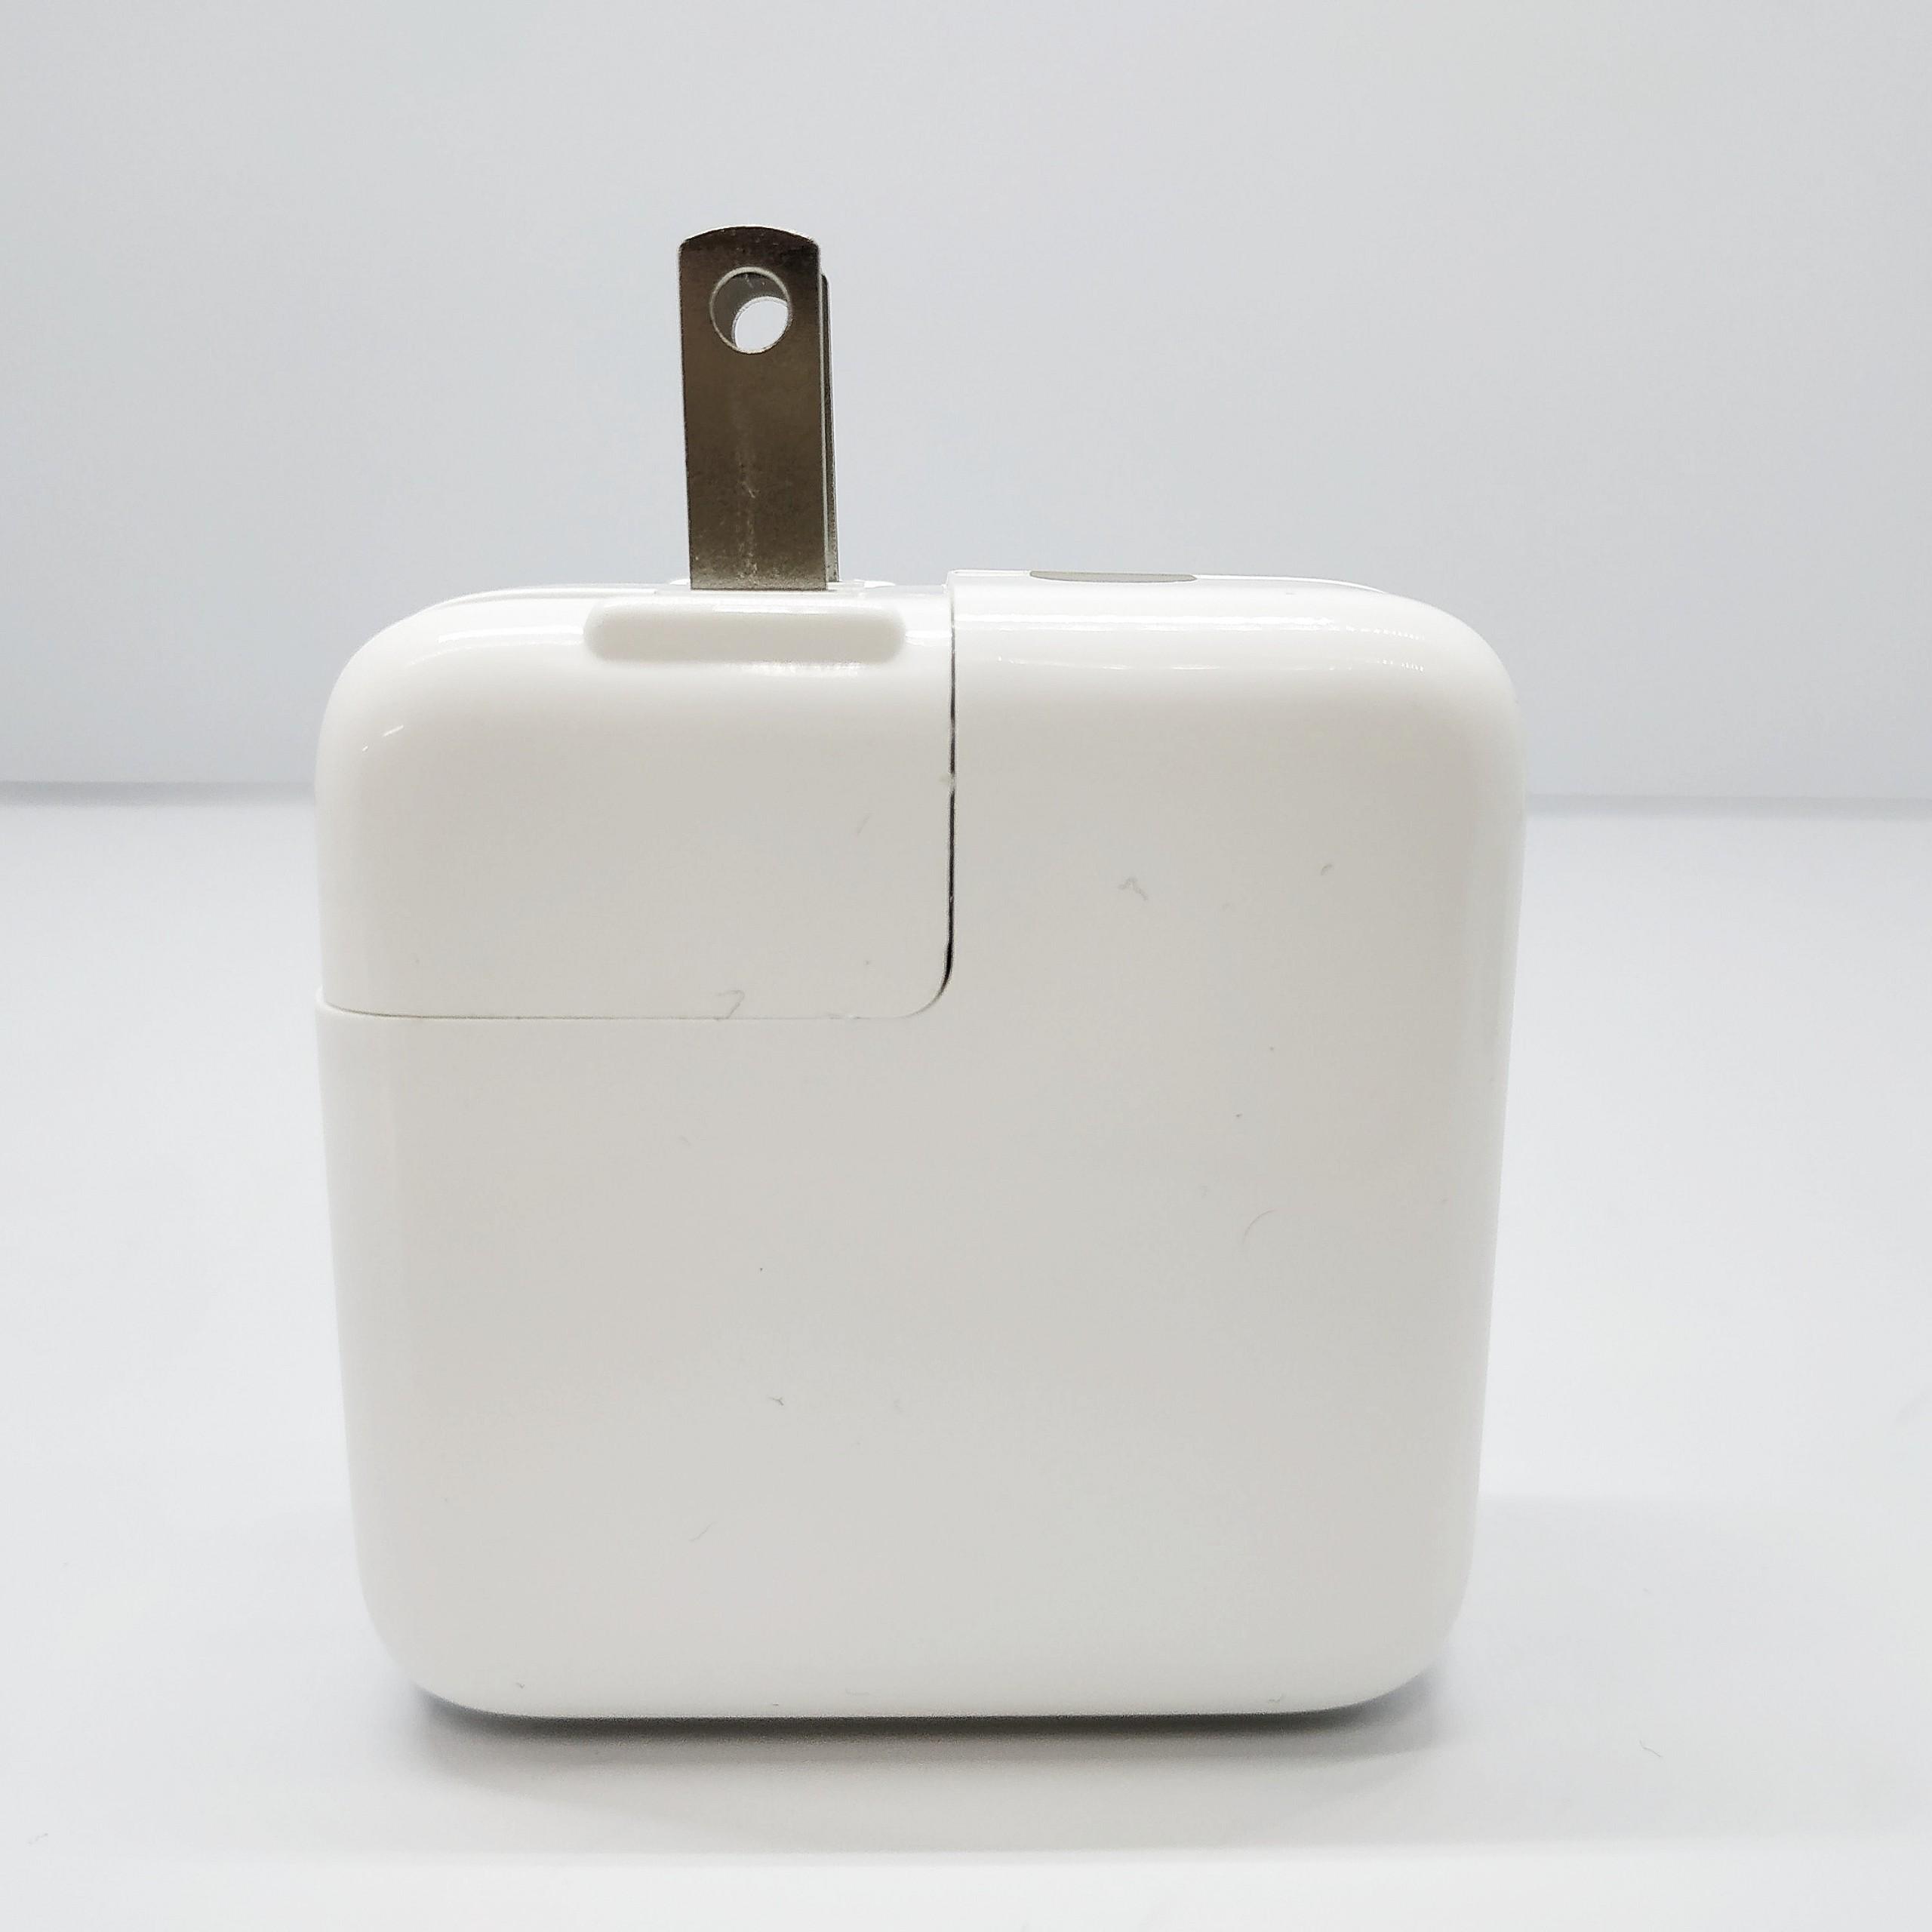 Củ sạc dành cho Macbook 30w a1540 nhập khẩu.